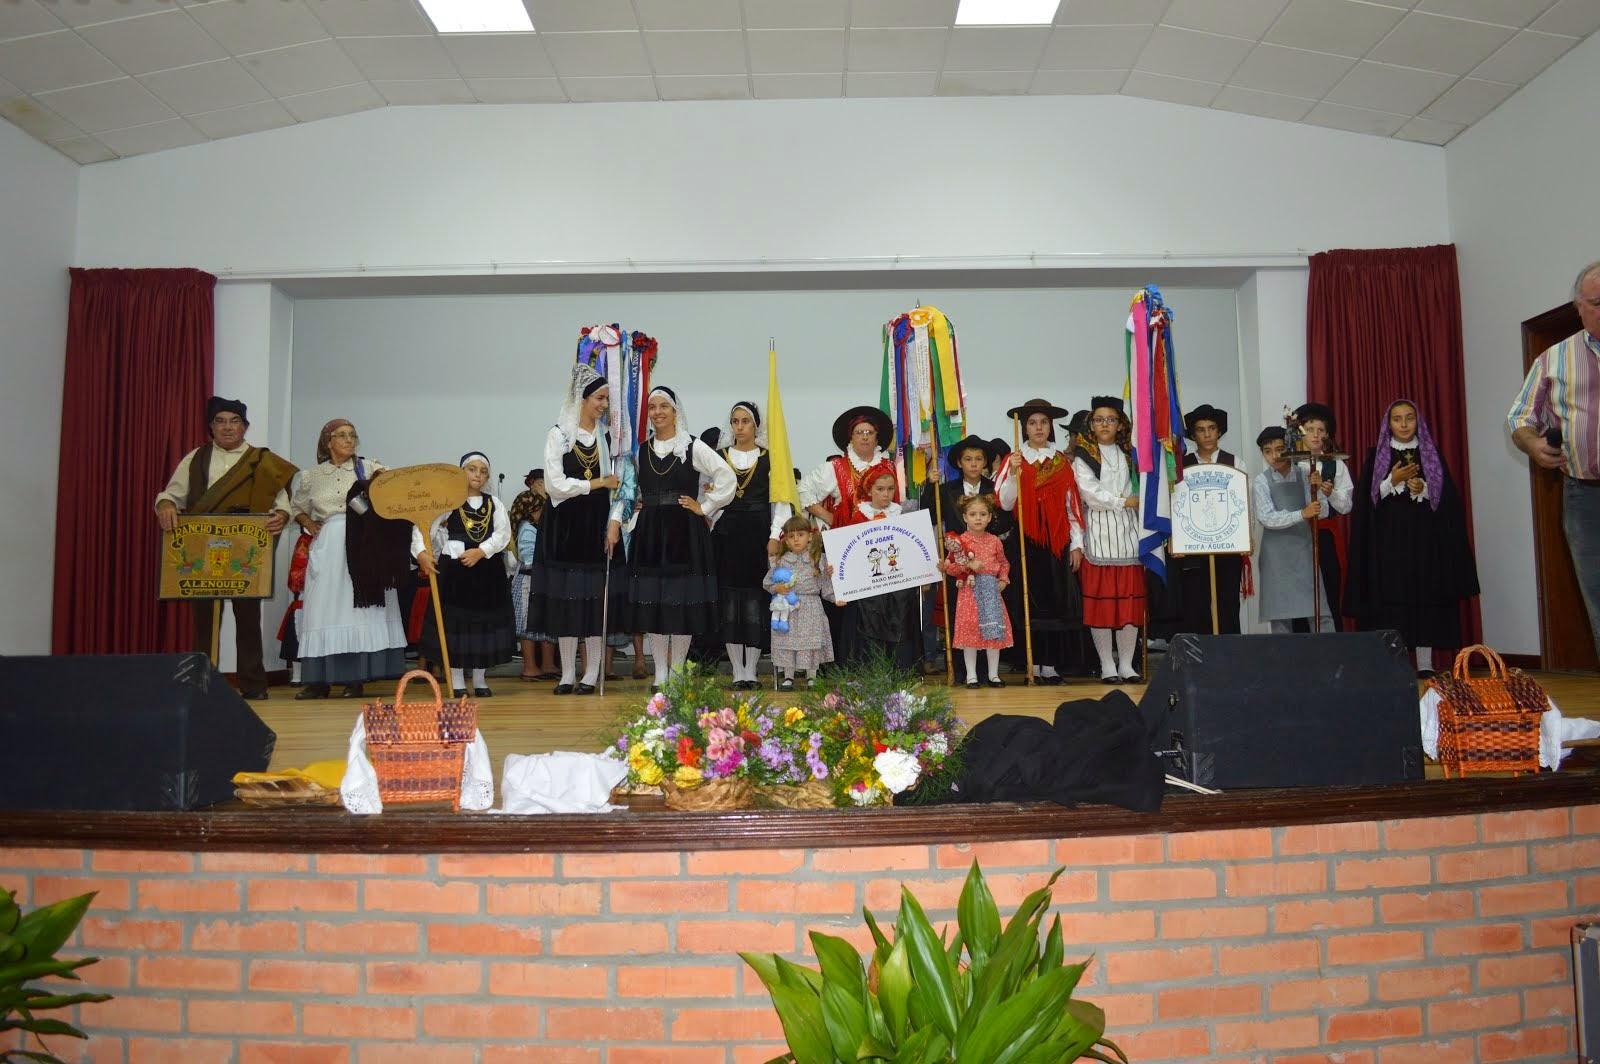 Festival de Folclore na Trofa - Águeda